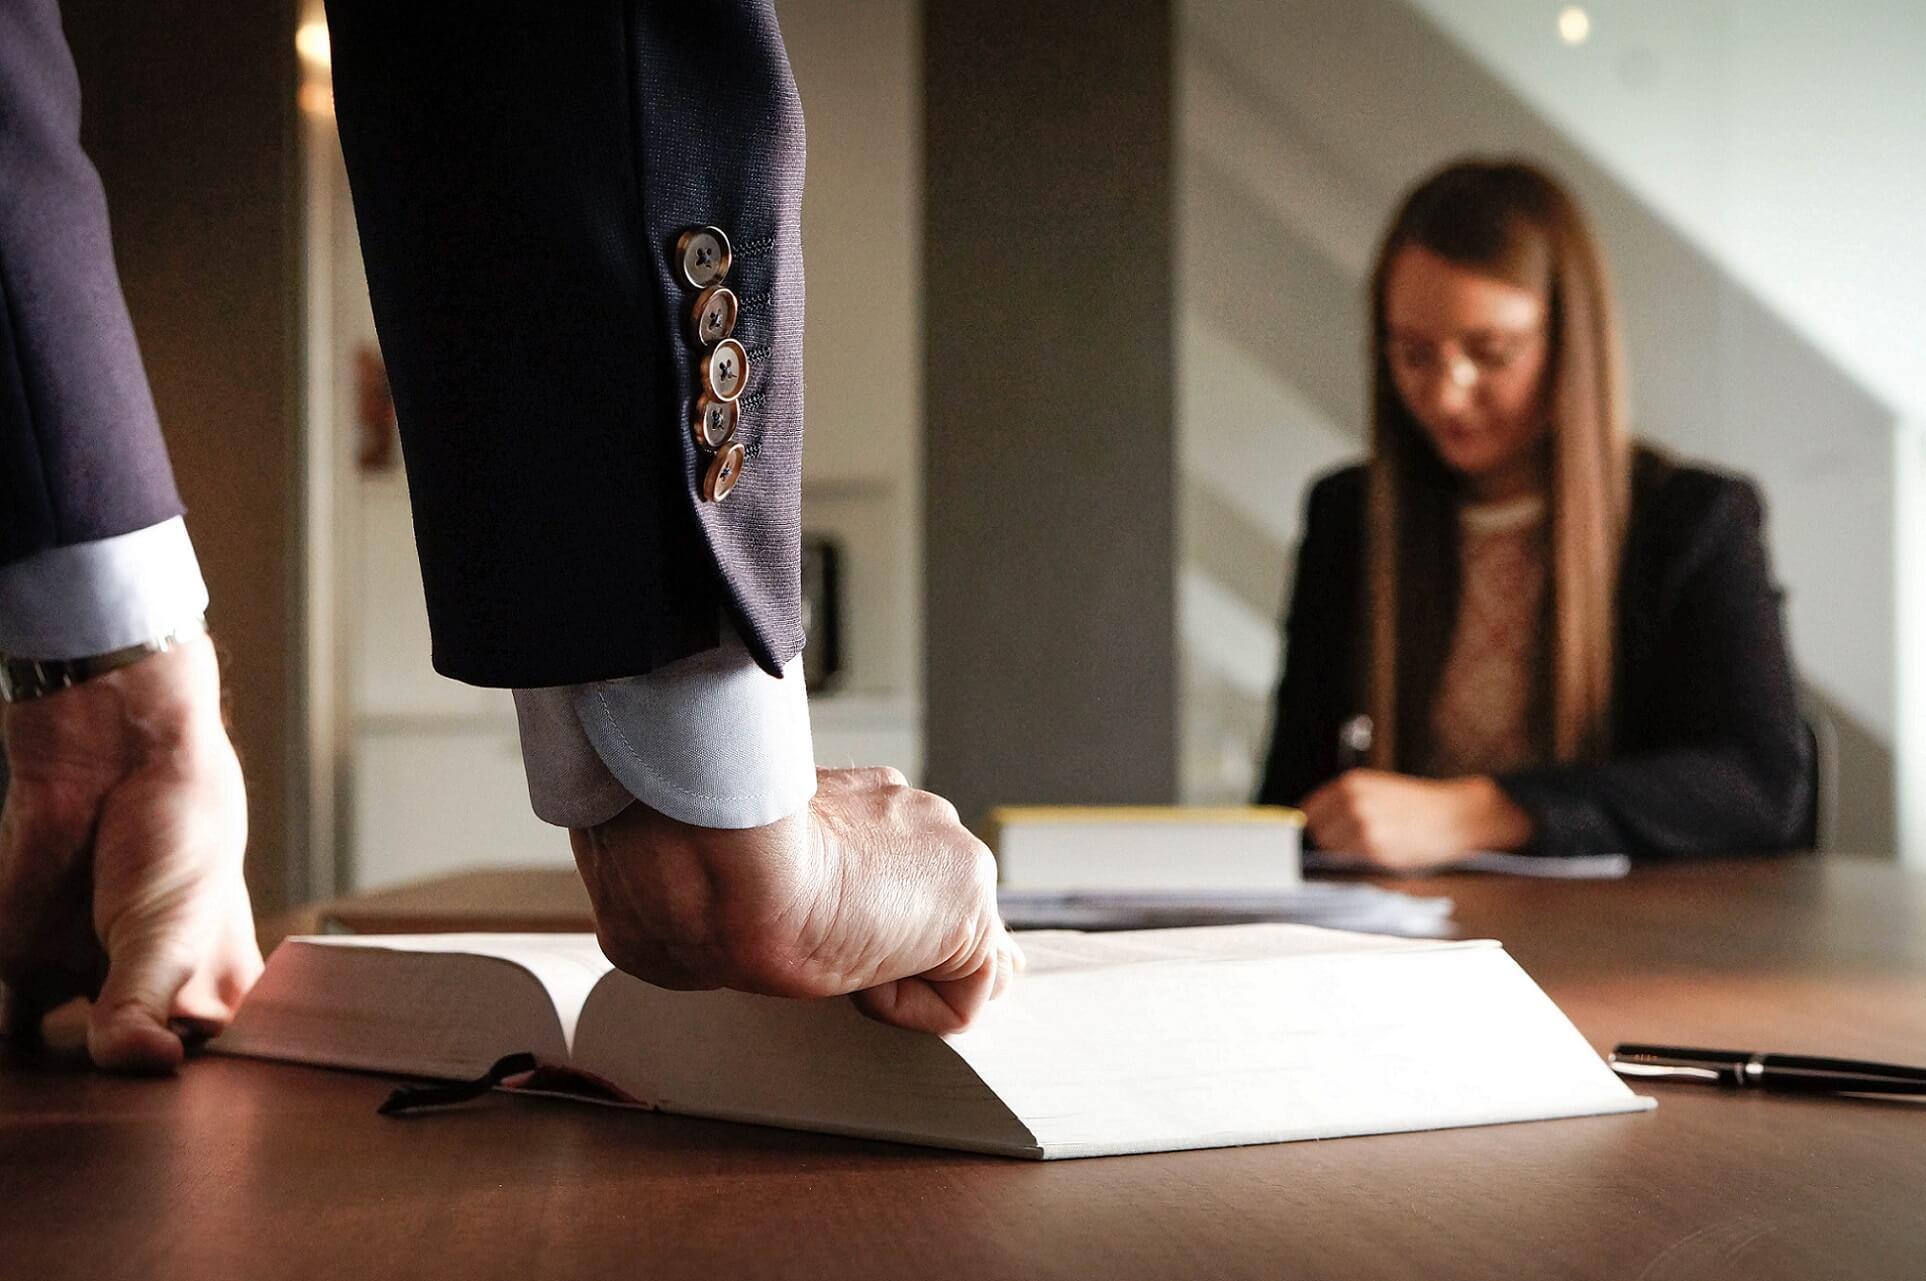 das Buch des Rechts und des juristischen Personals